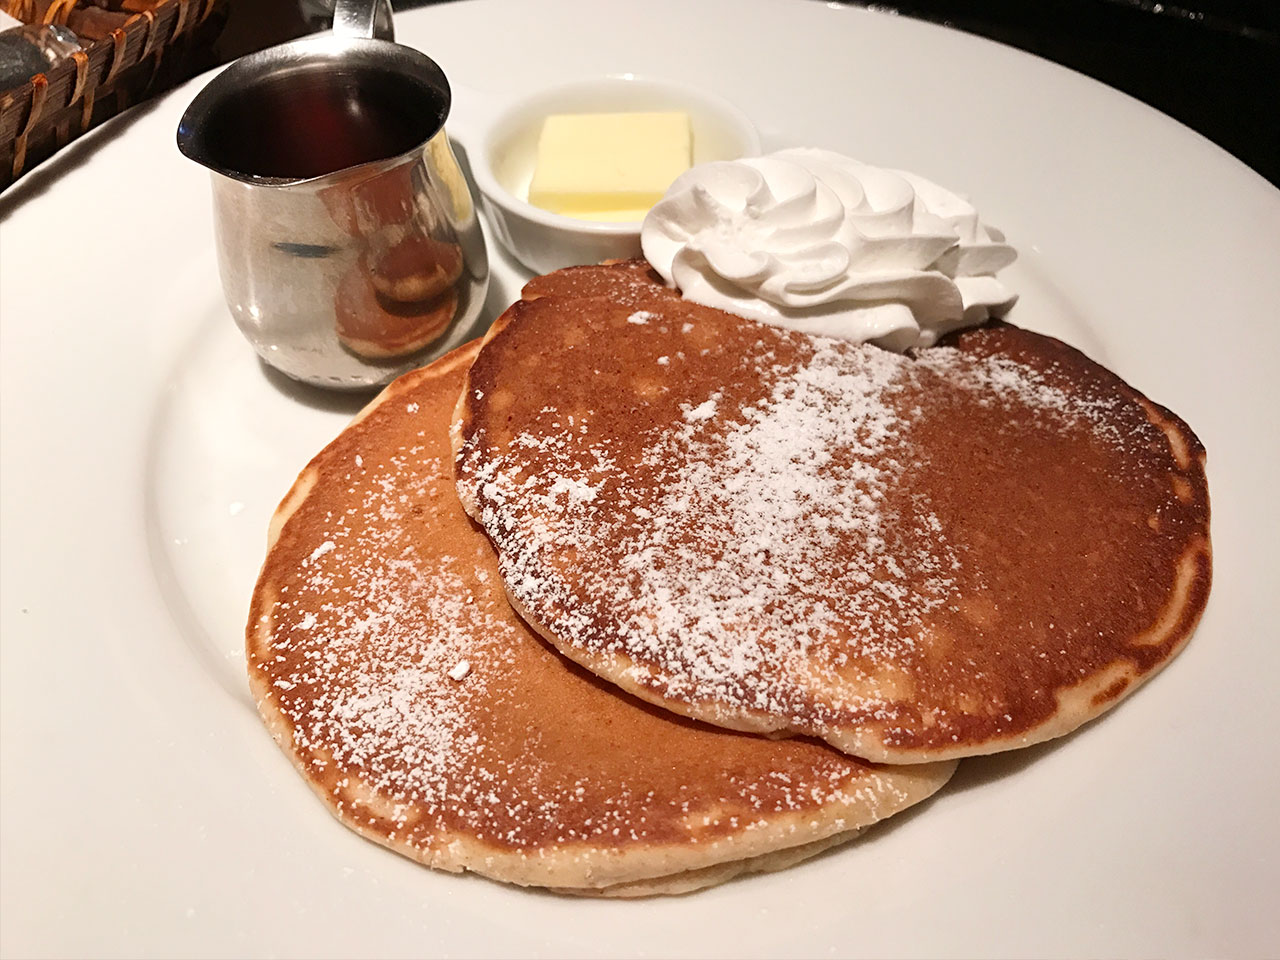 ニューイングランドカフェのパンケーキ